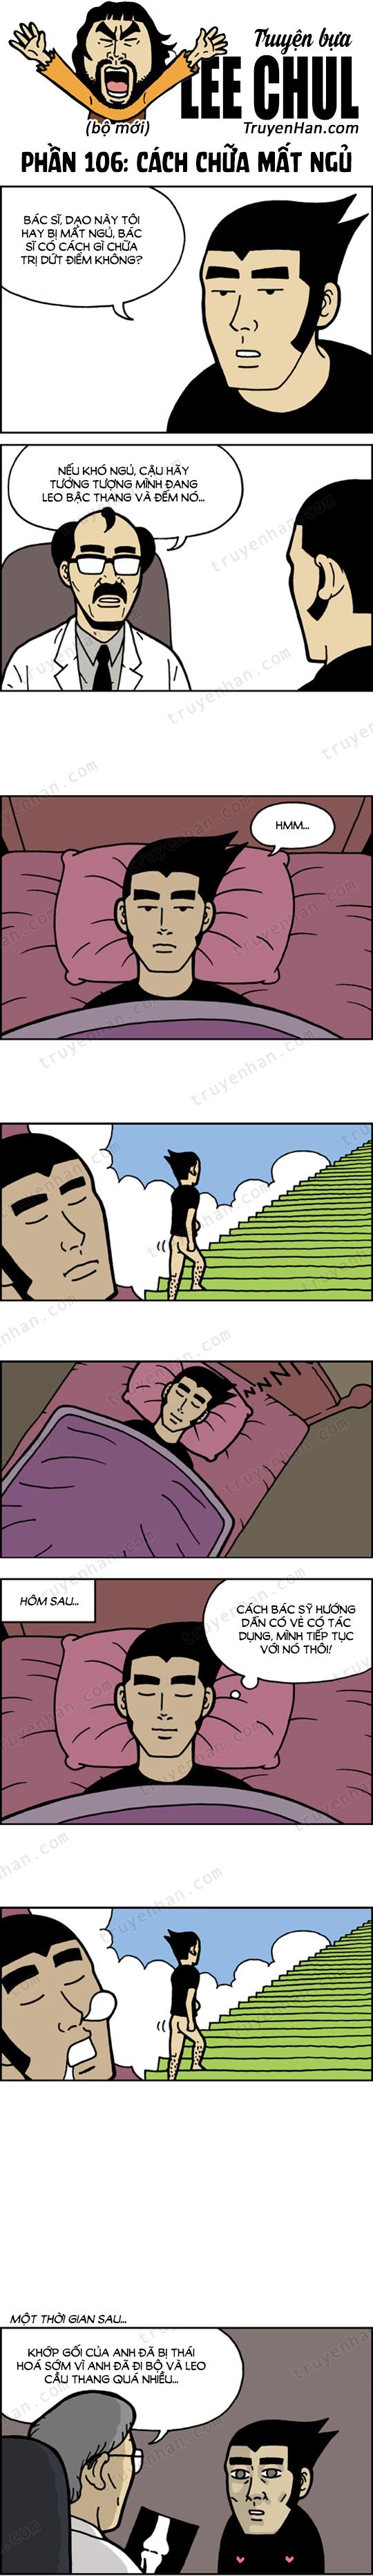 TRUYỆN BỰA LEE CHUL phần 106: Cách chữa mất ngủ